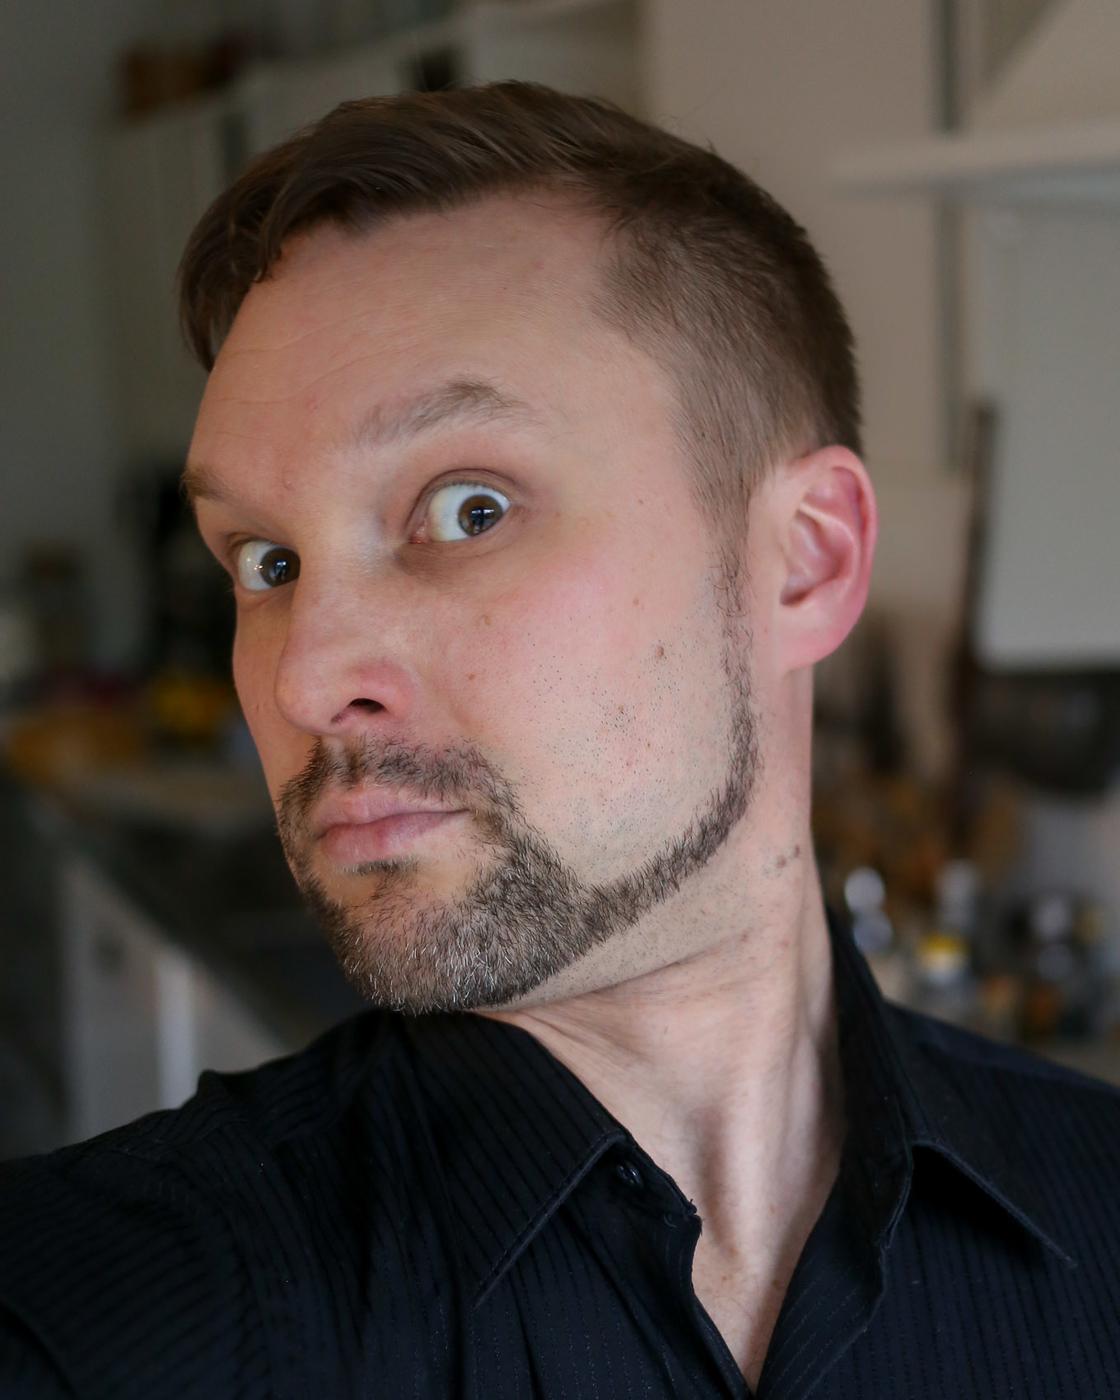 Mies, unohda jättiparrat ja metsurilook: Tässä tulee uusi partatrendi!